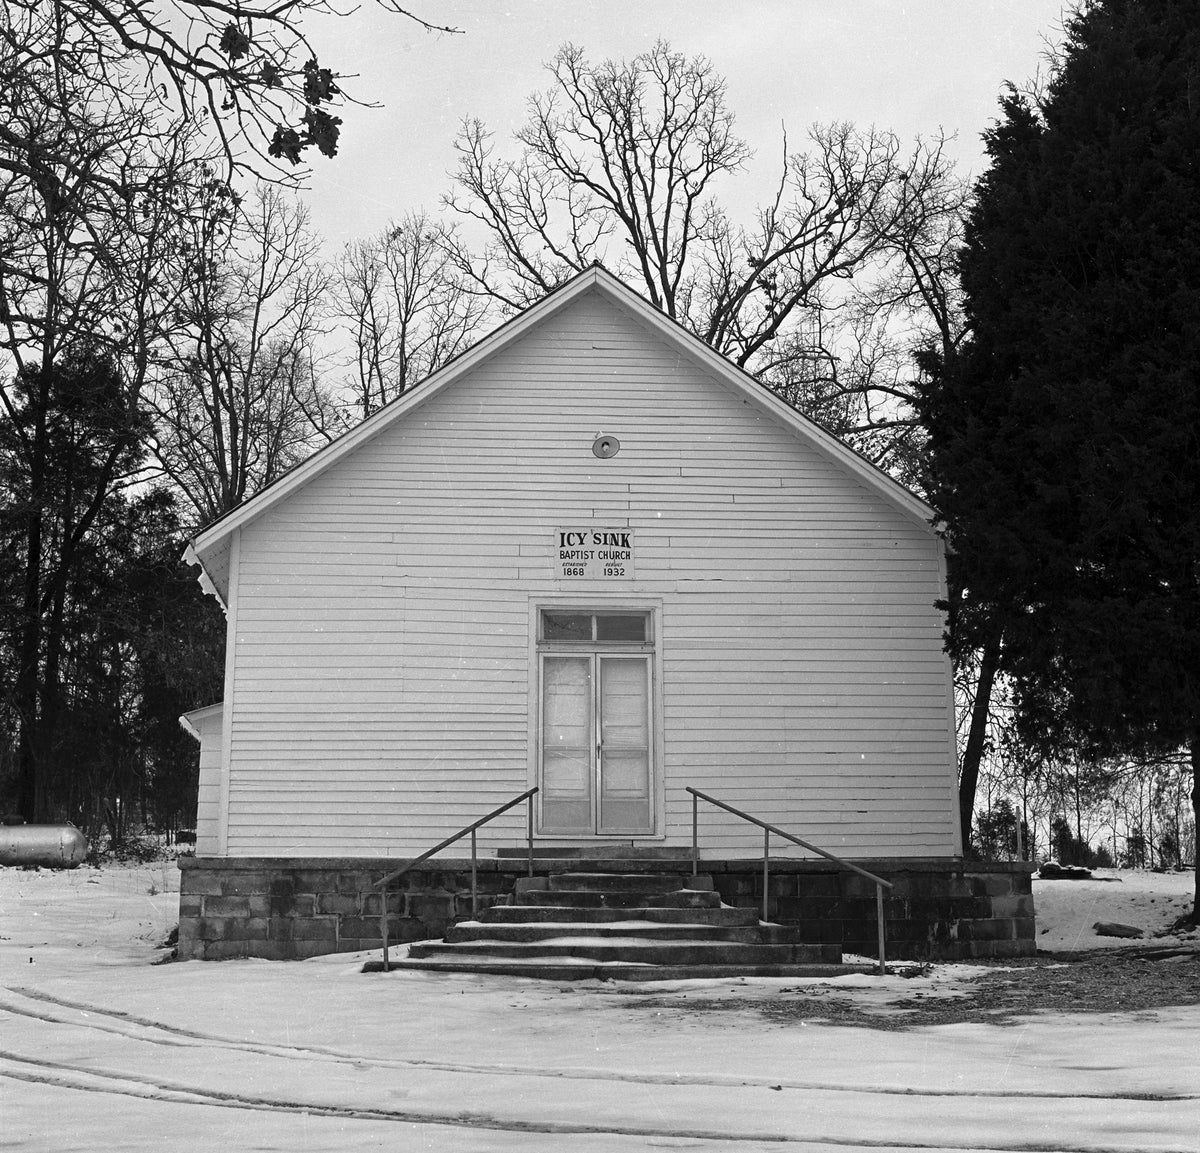 Icy Sink Baptist Church